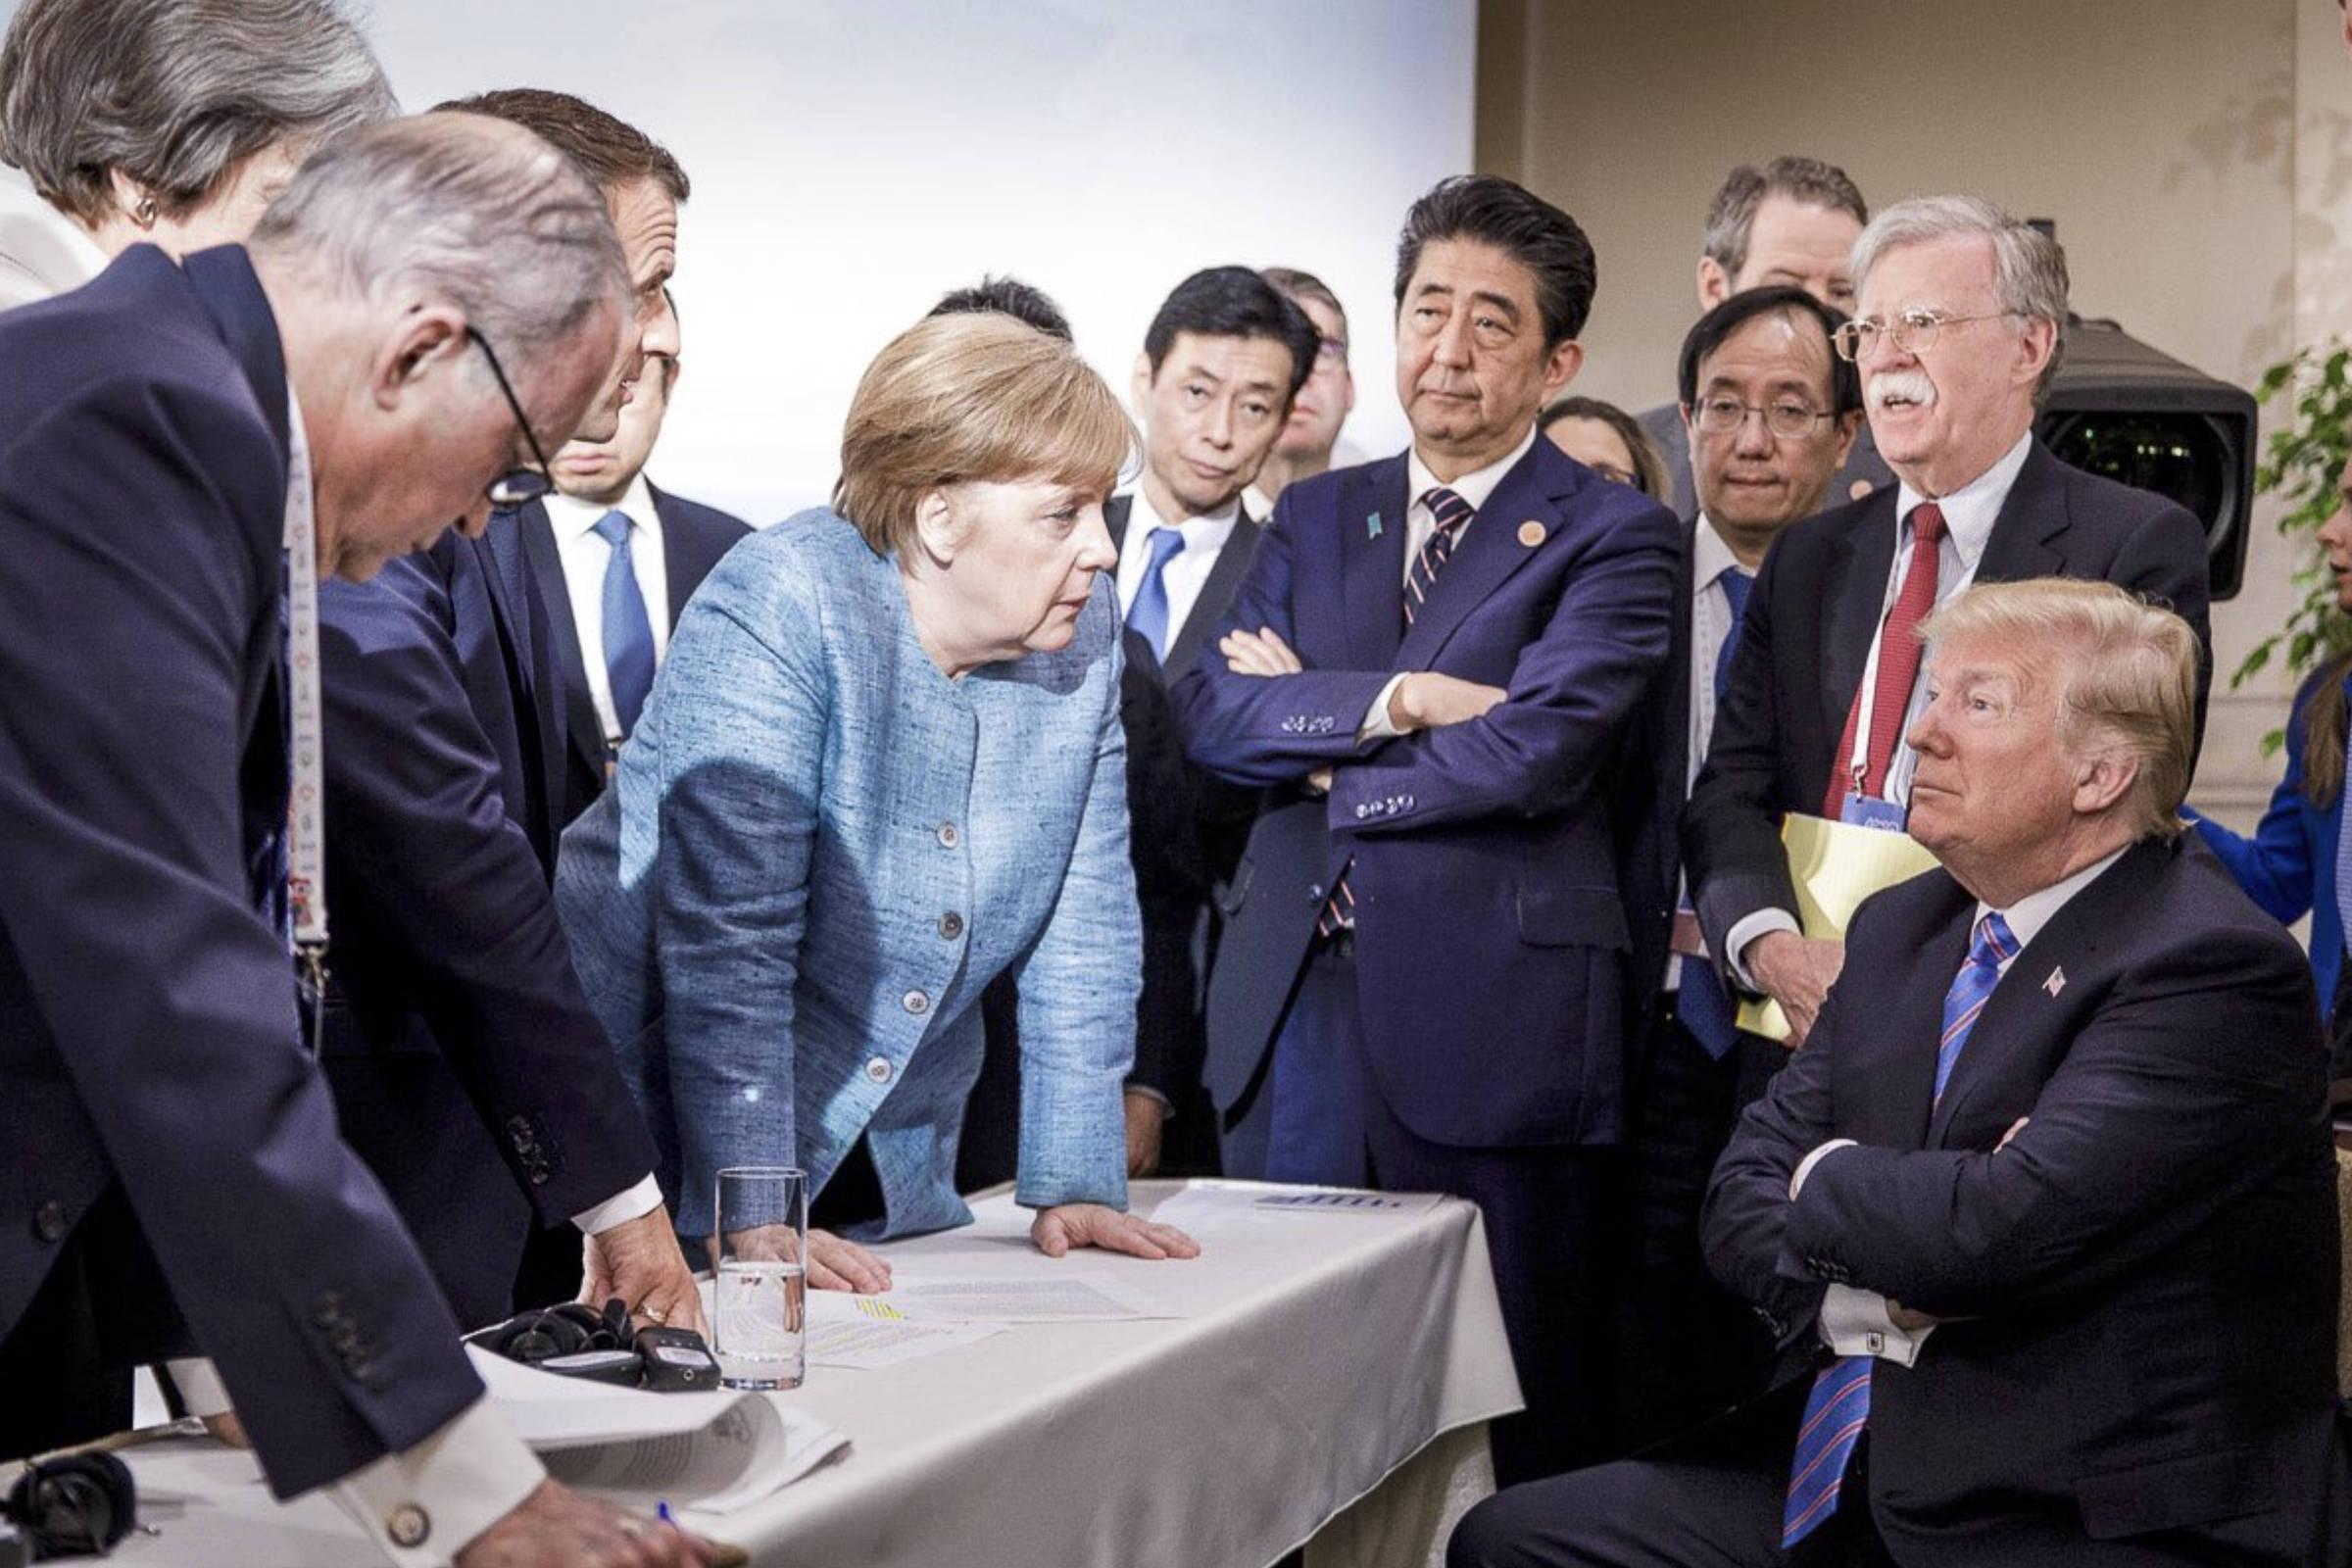 73c1599da Trump retira apoio de declaração do G7 após o fim do encontro - 09/06/2018  - Mundo - Folha